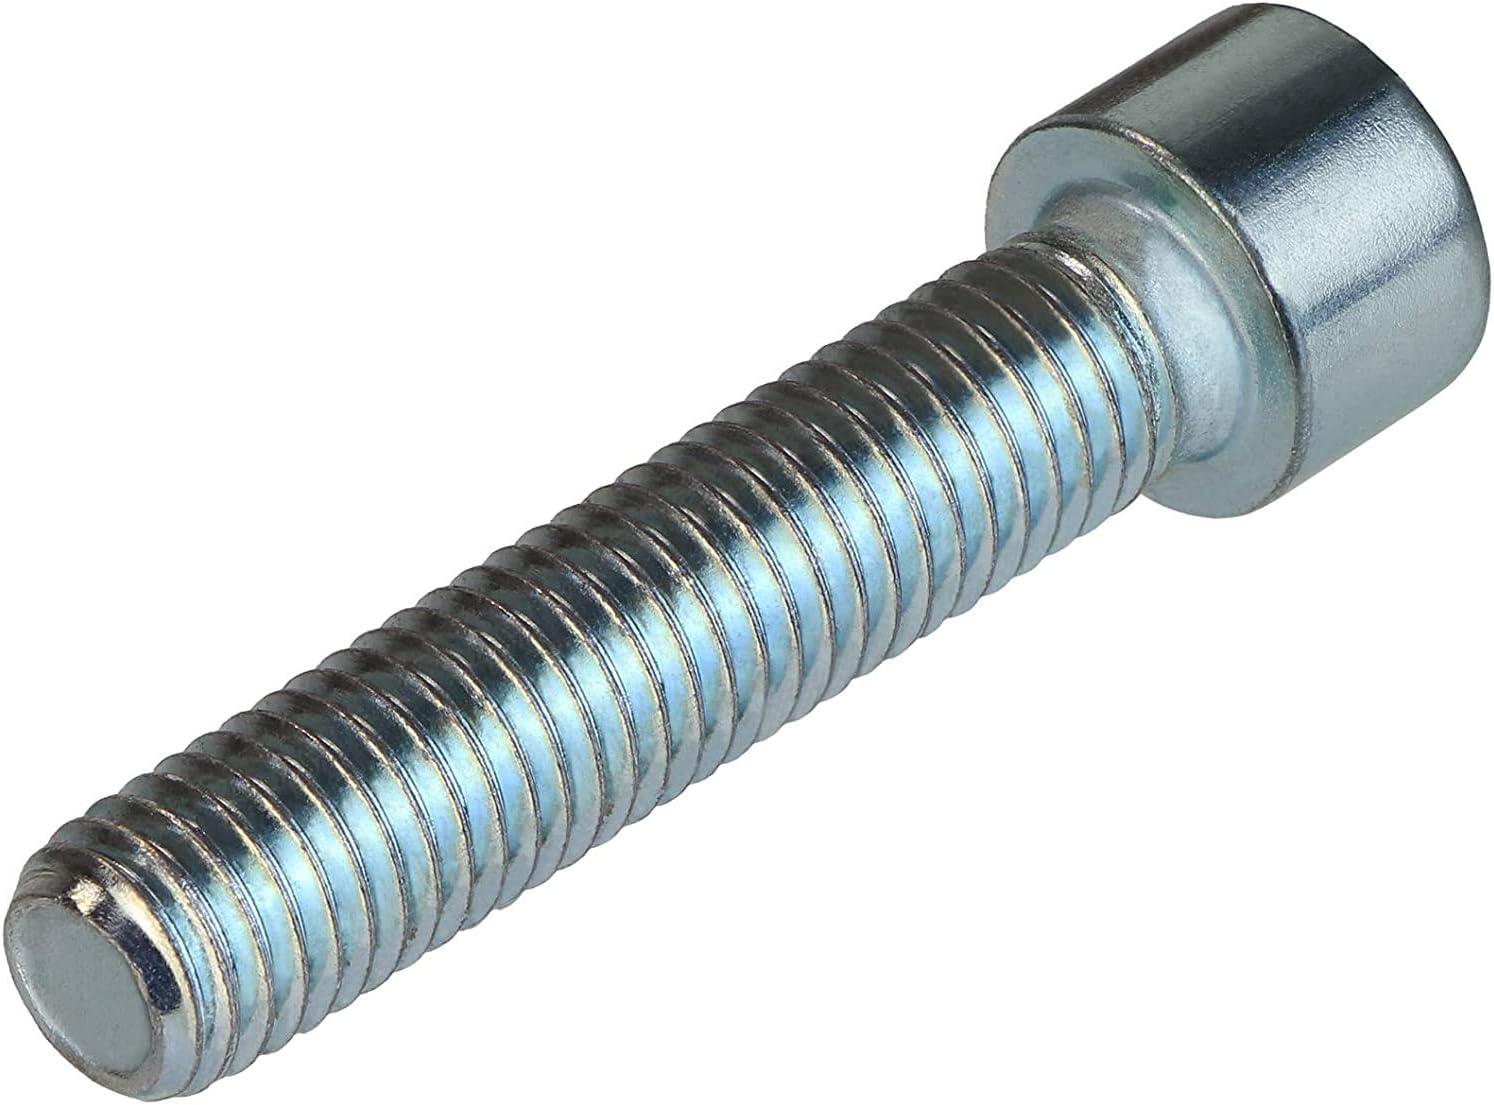 DIDAKS 50 Viti a testa cilindrica M10 x 50 mm DIN 912 zincate 8.8